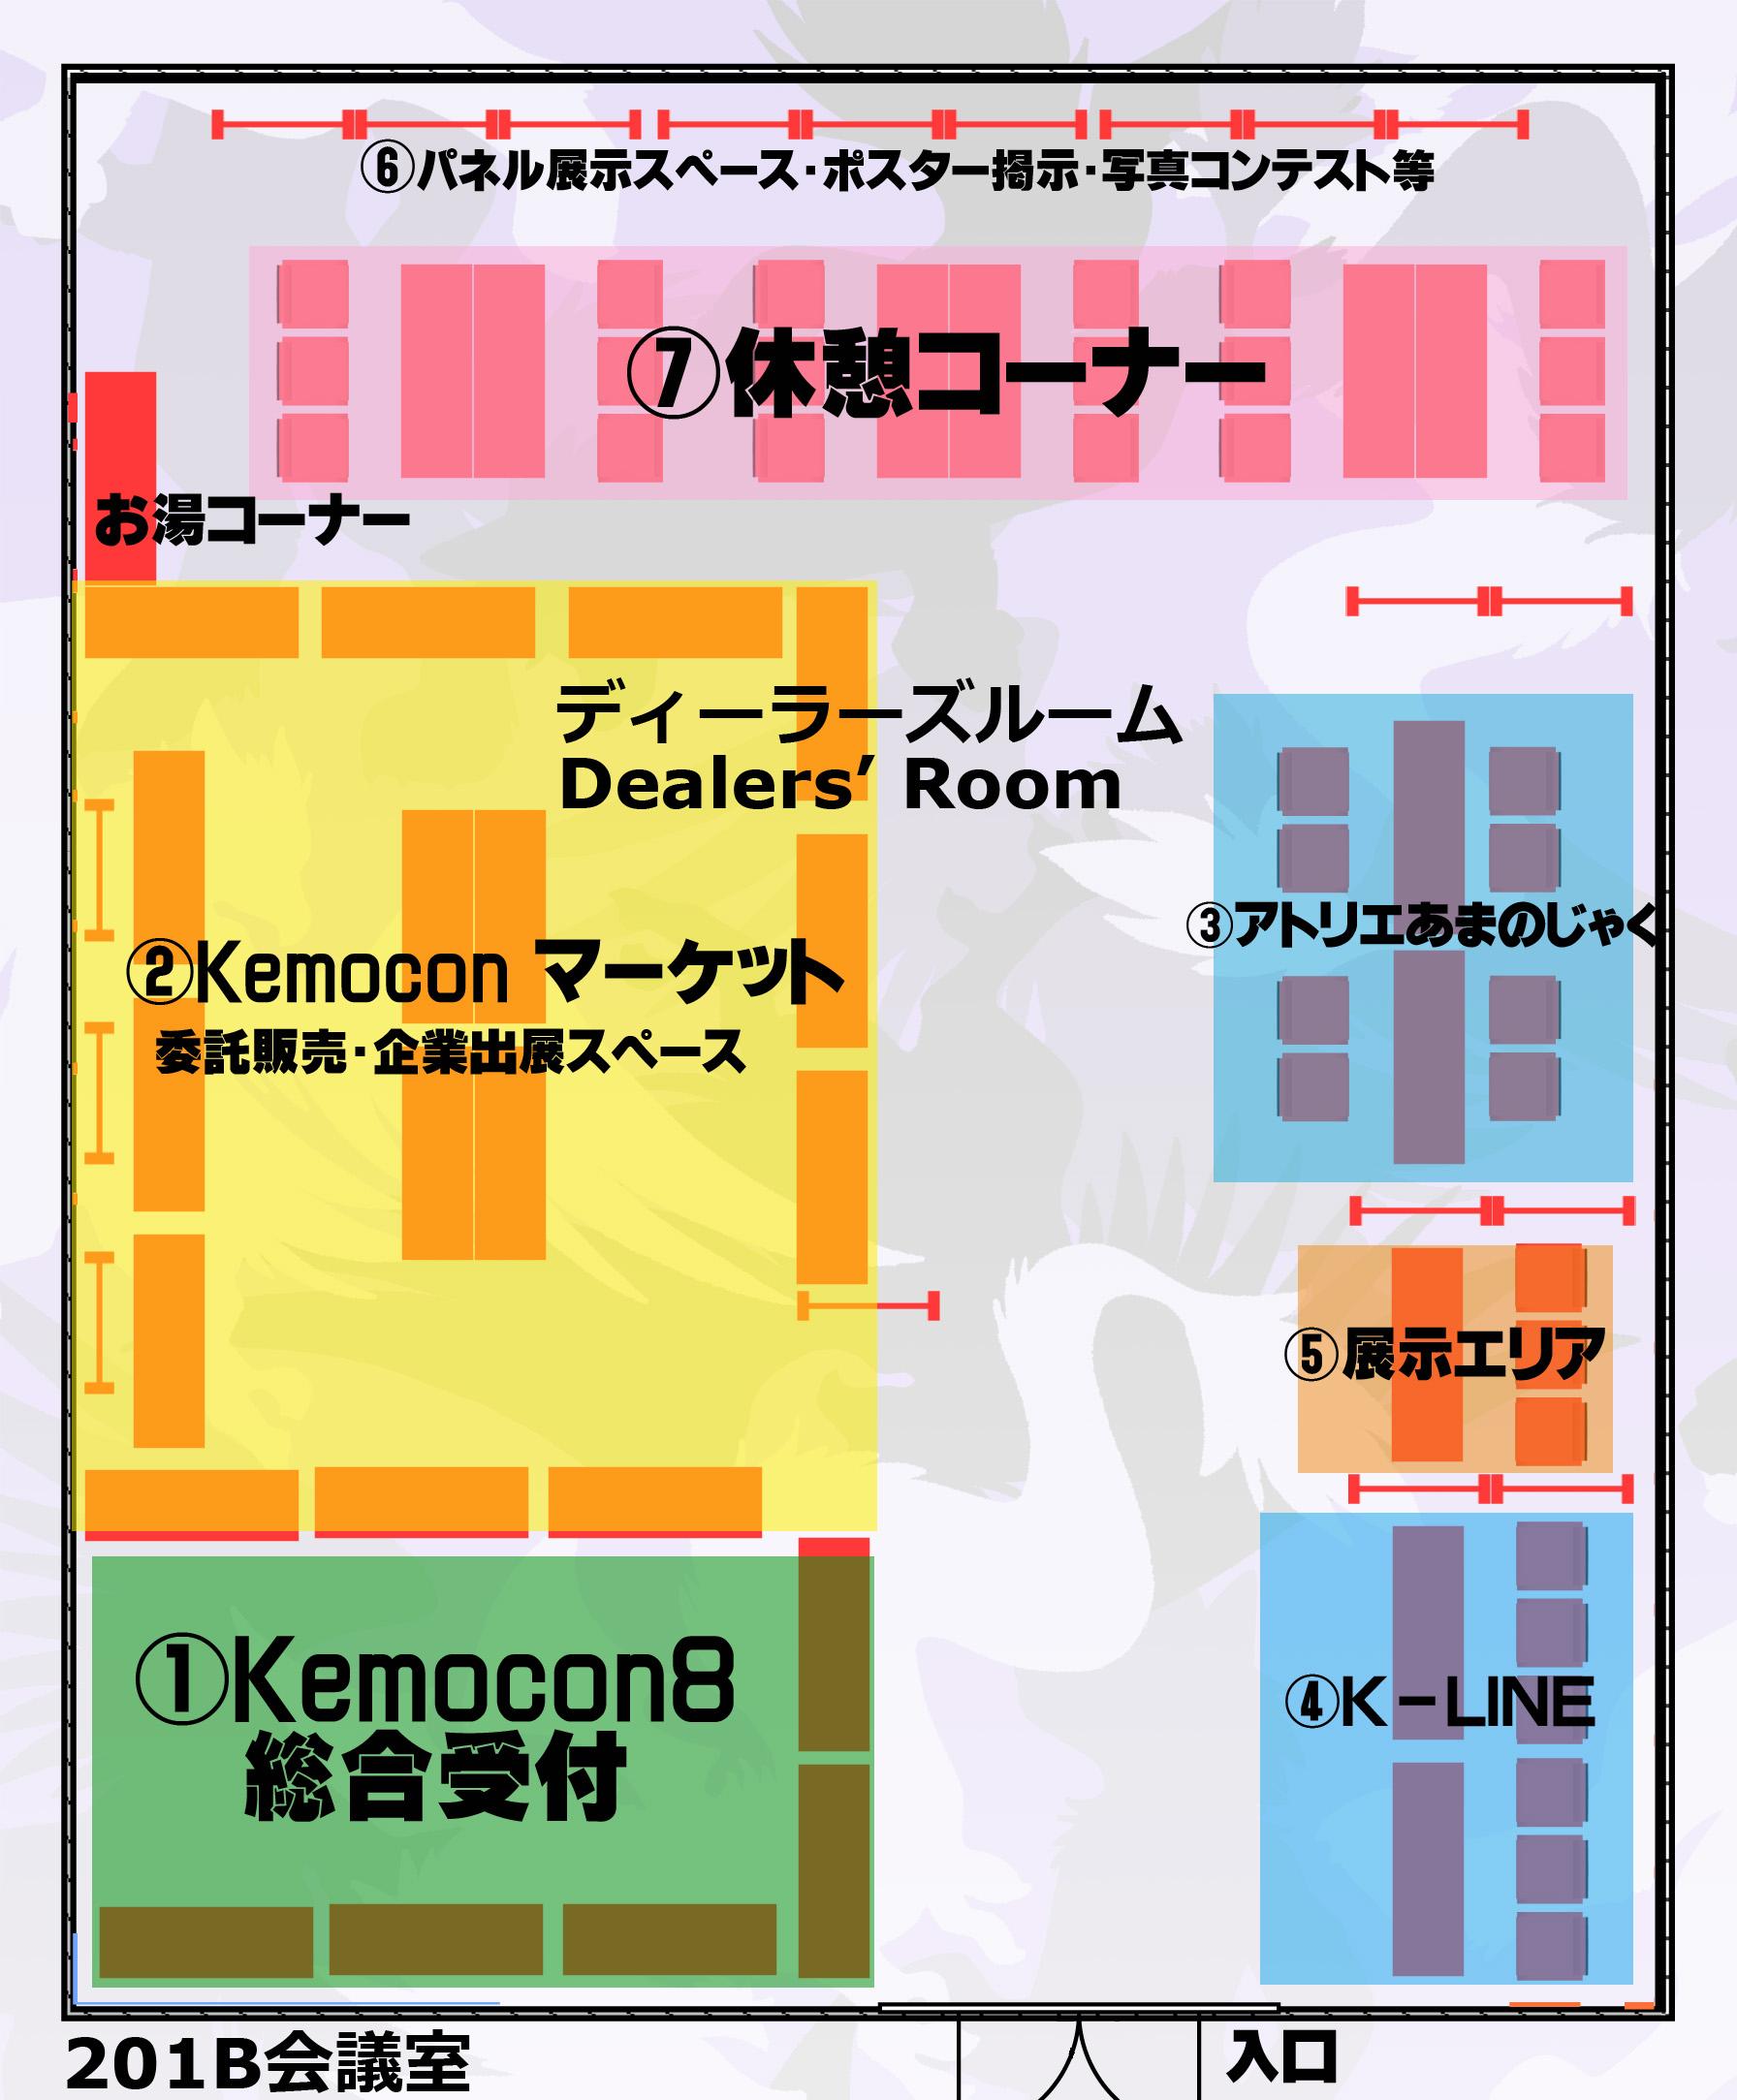 KC8Dルーム配置図